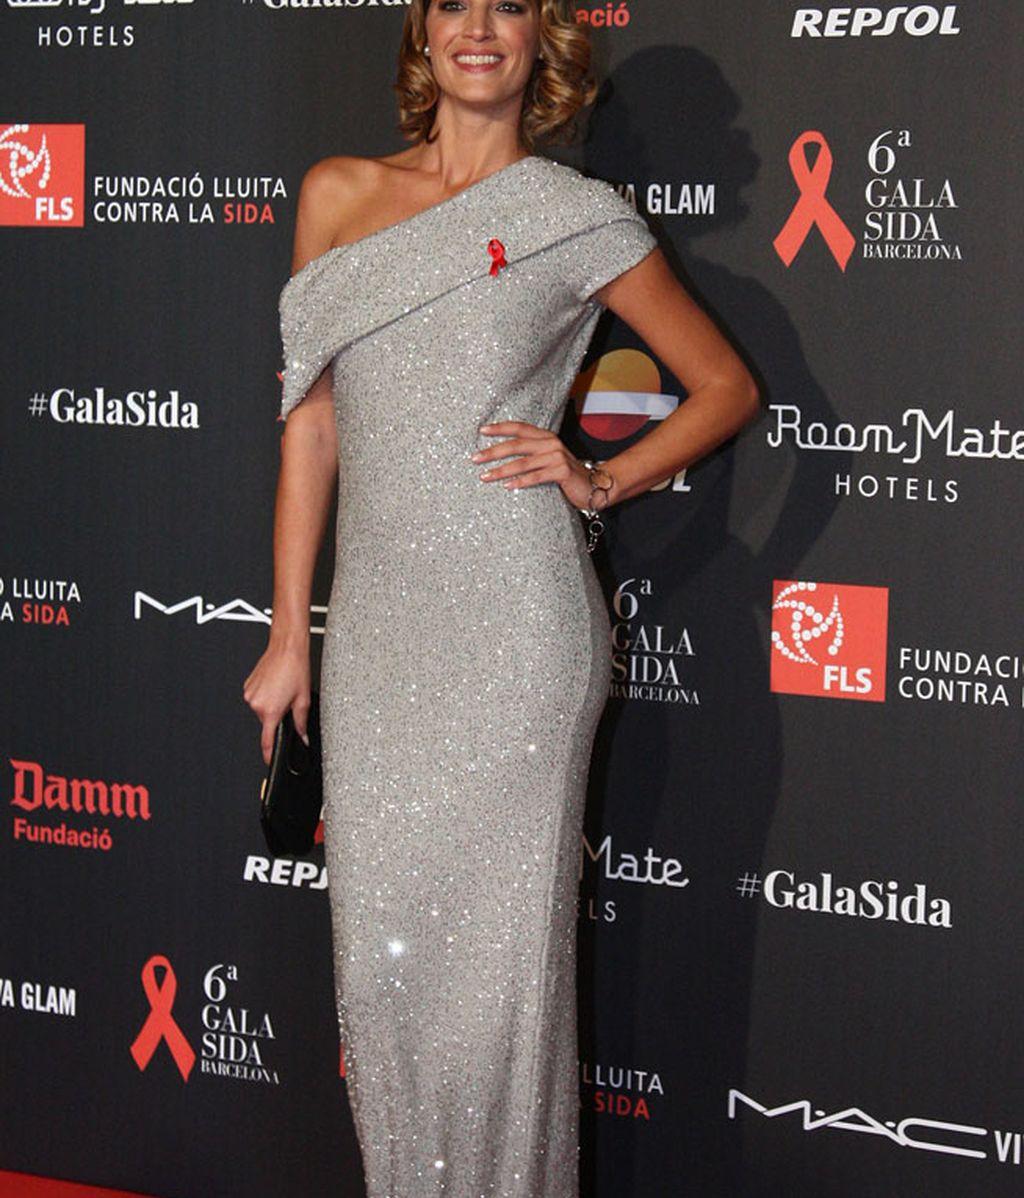 Laura Sánchez con vestido de brillo gris largo y hombro al aire